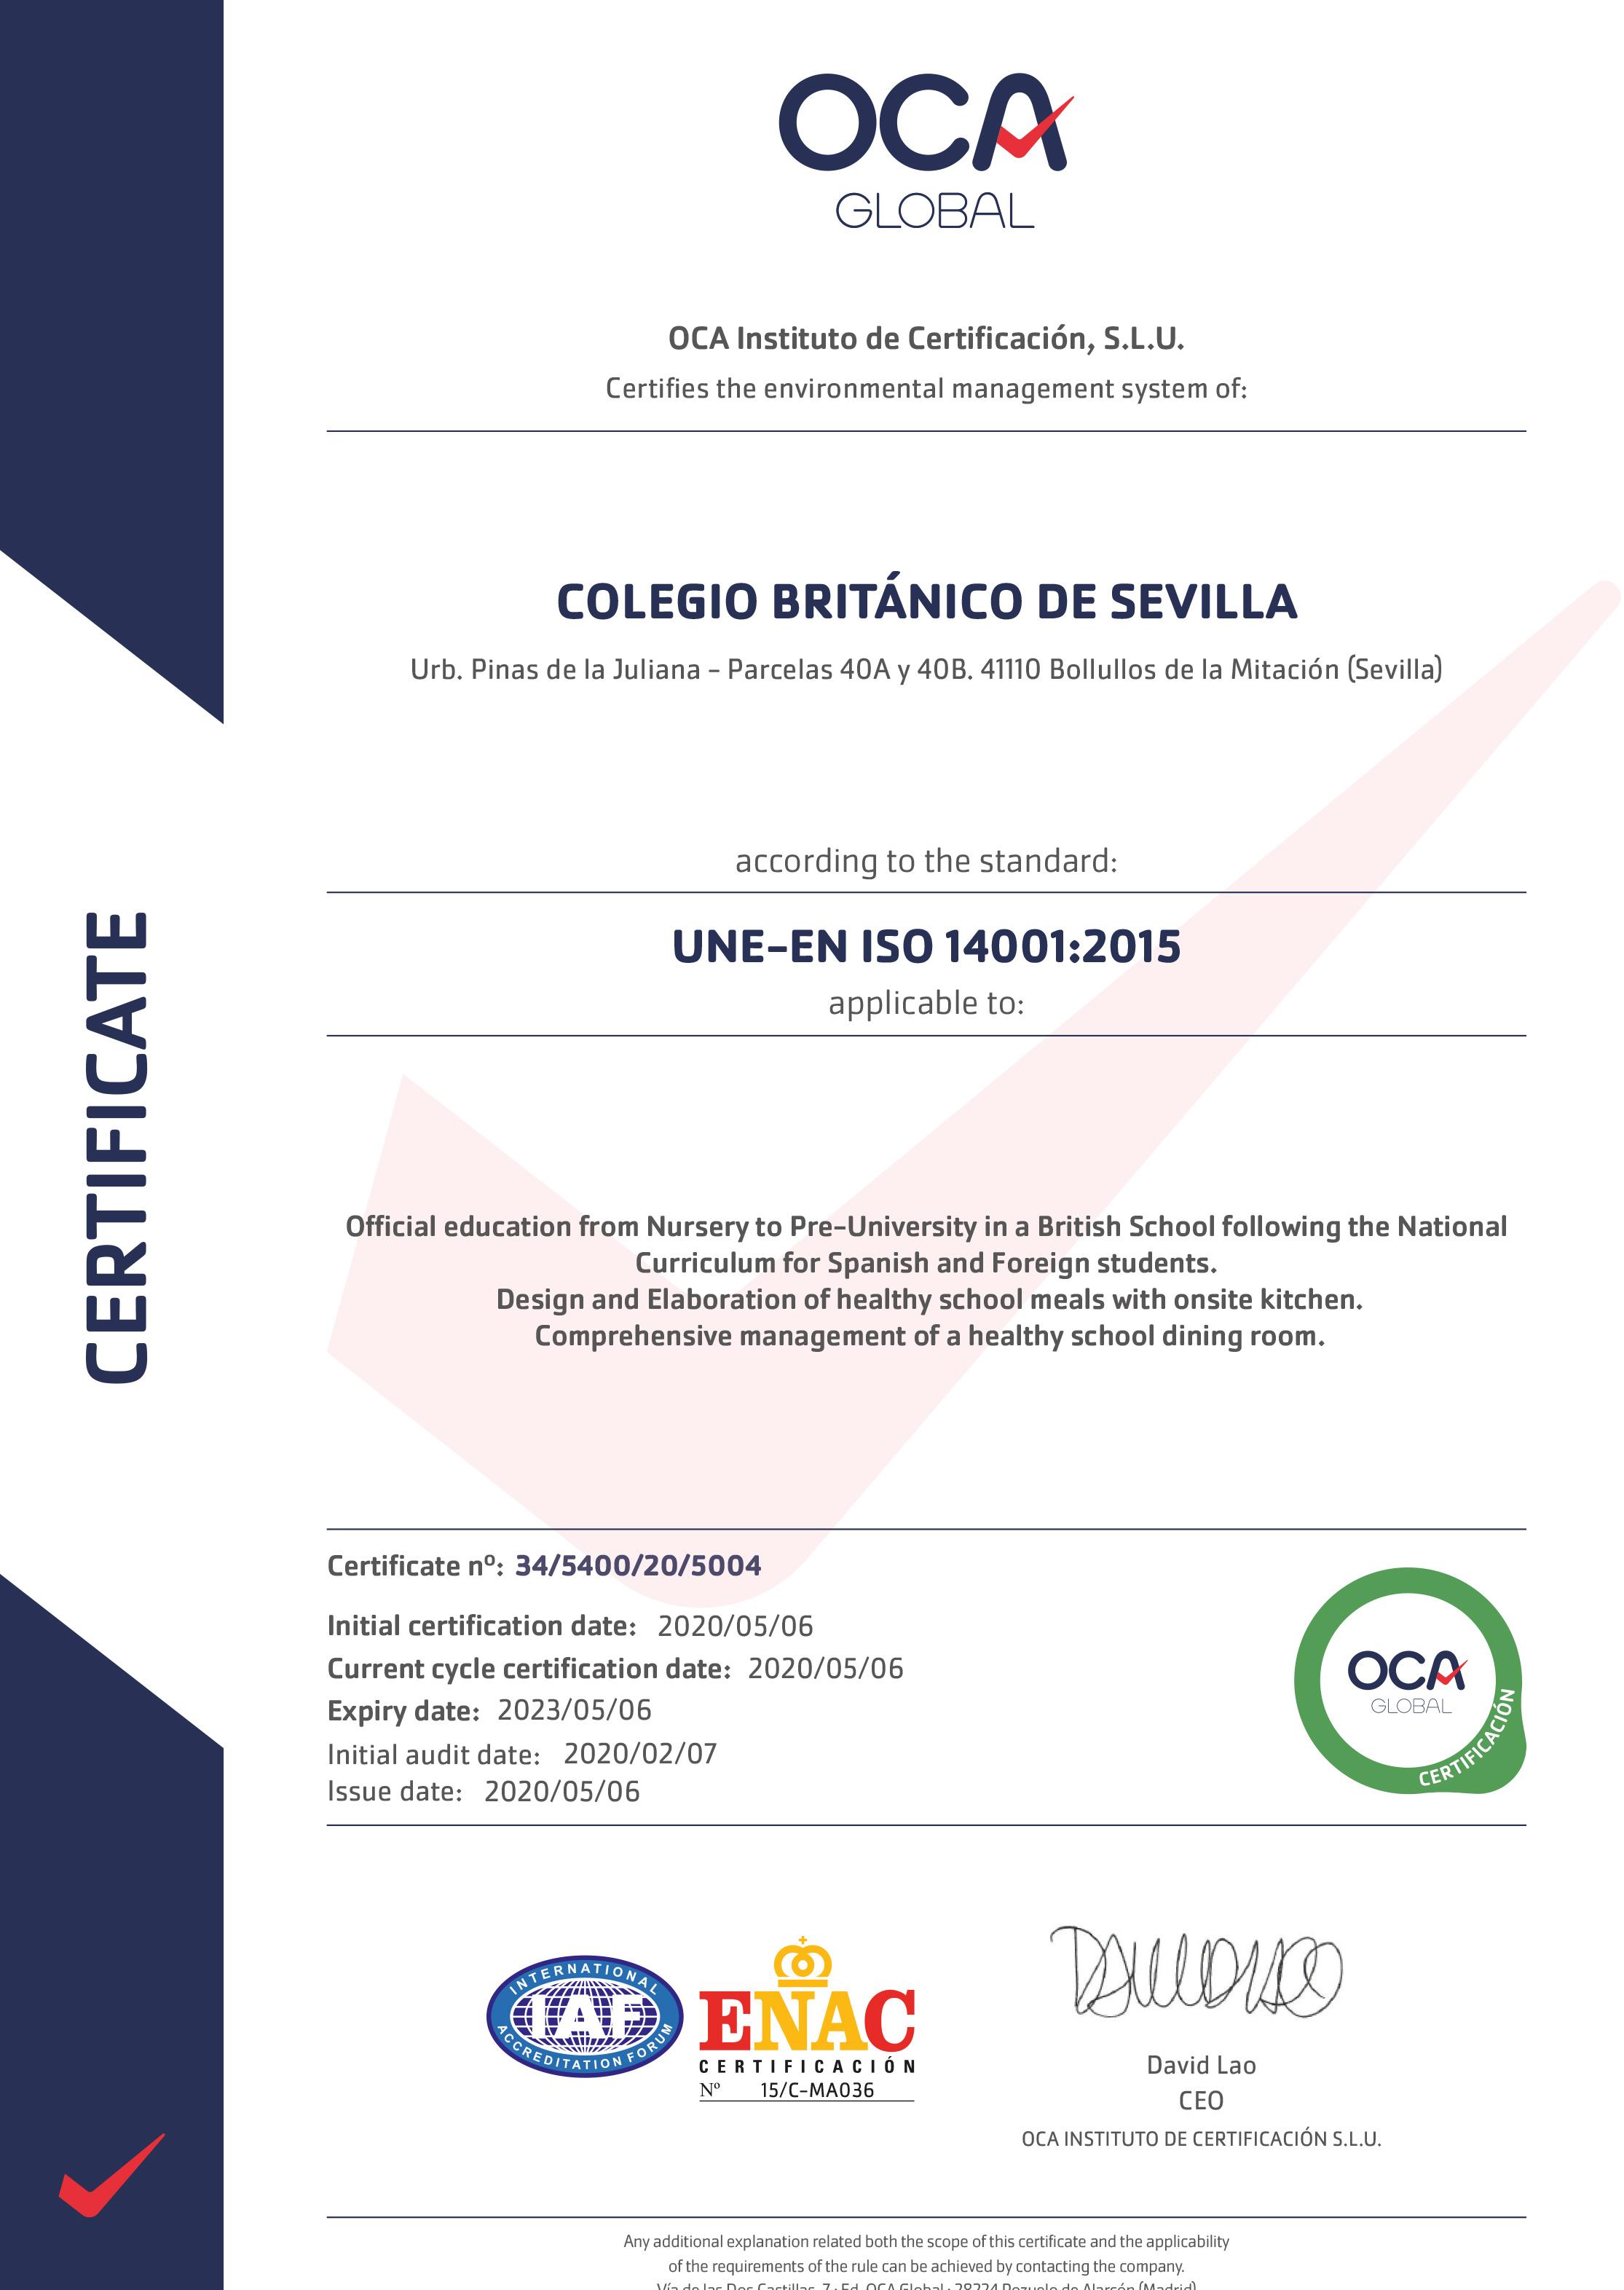 Certificado-OCA-Calidad-ISO-14001-Colegio_britanico_sevilla_ENG